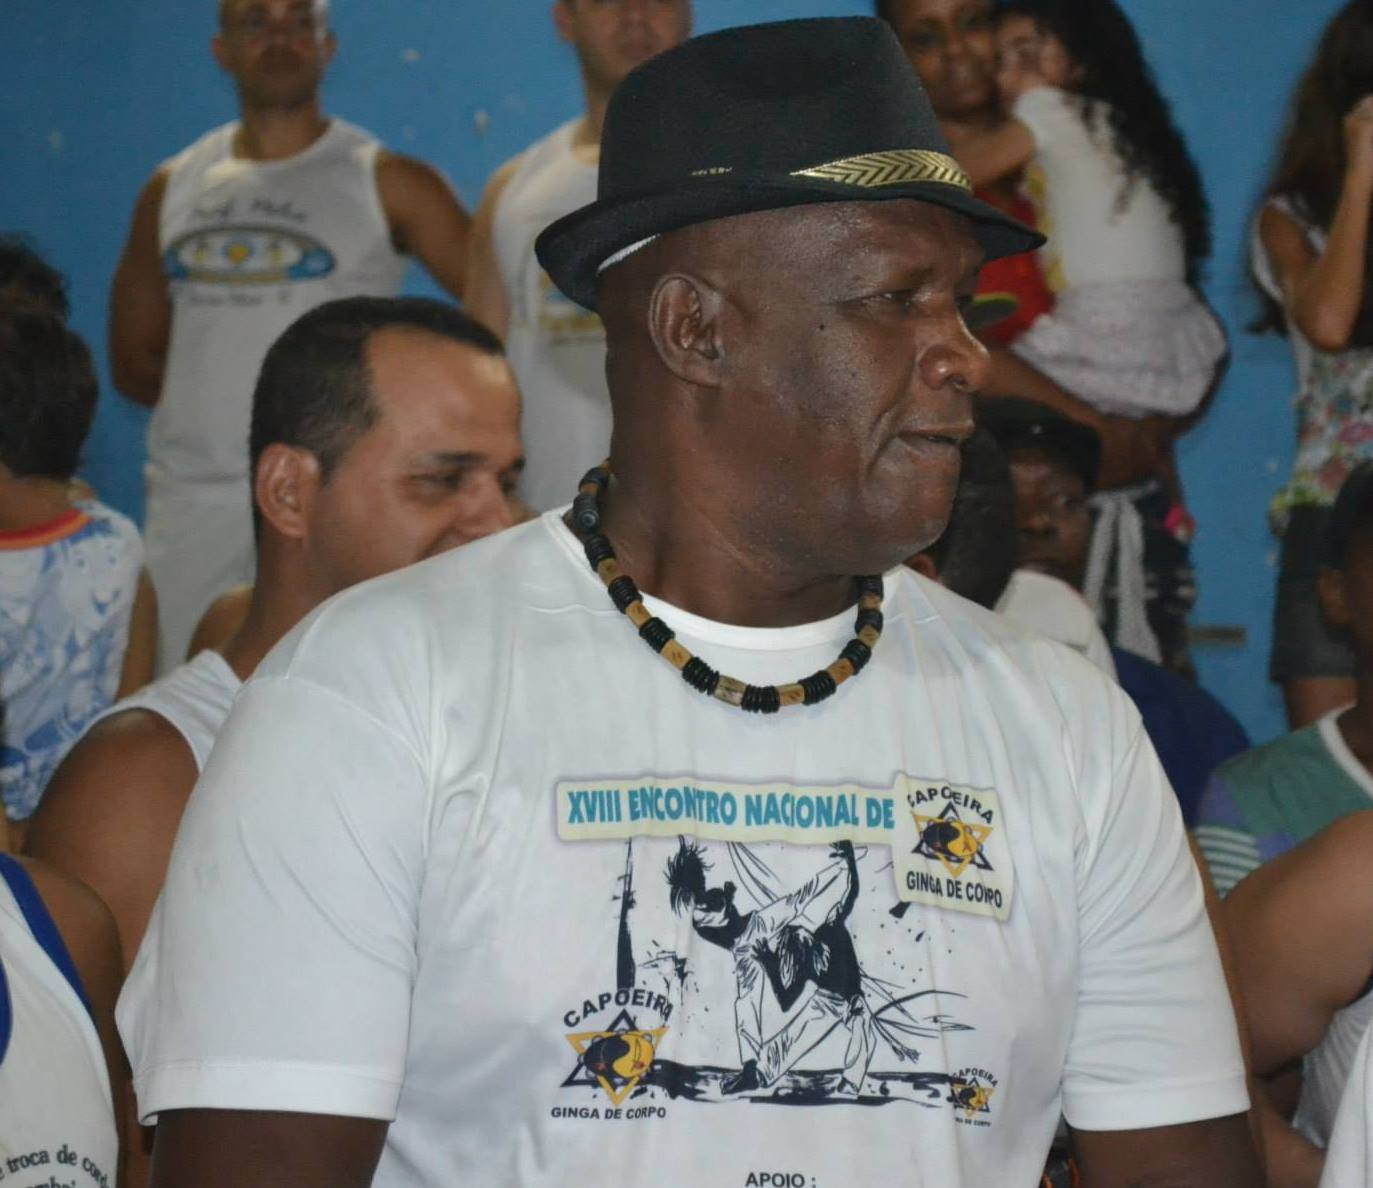 Portal Capoeira Nota de Falecimento: Mestre Chita Notícias - Atualidades